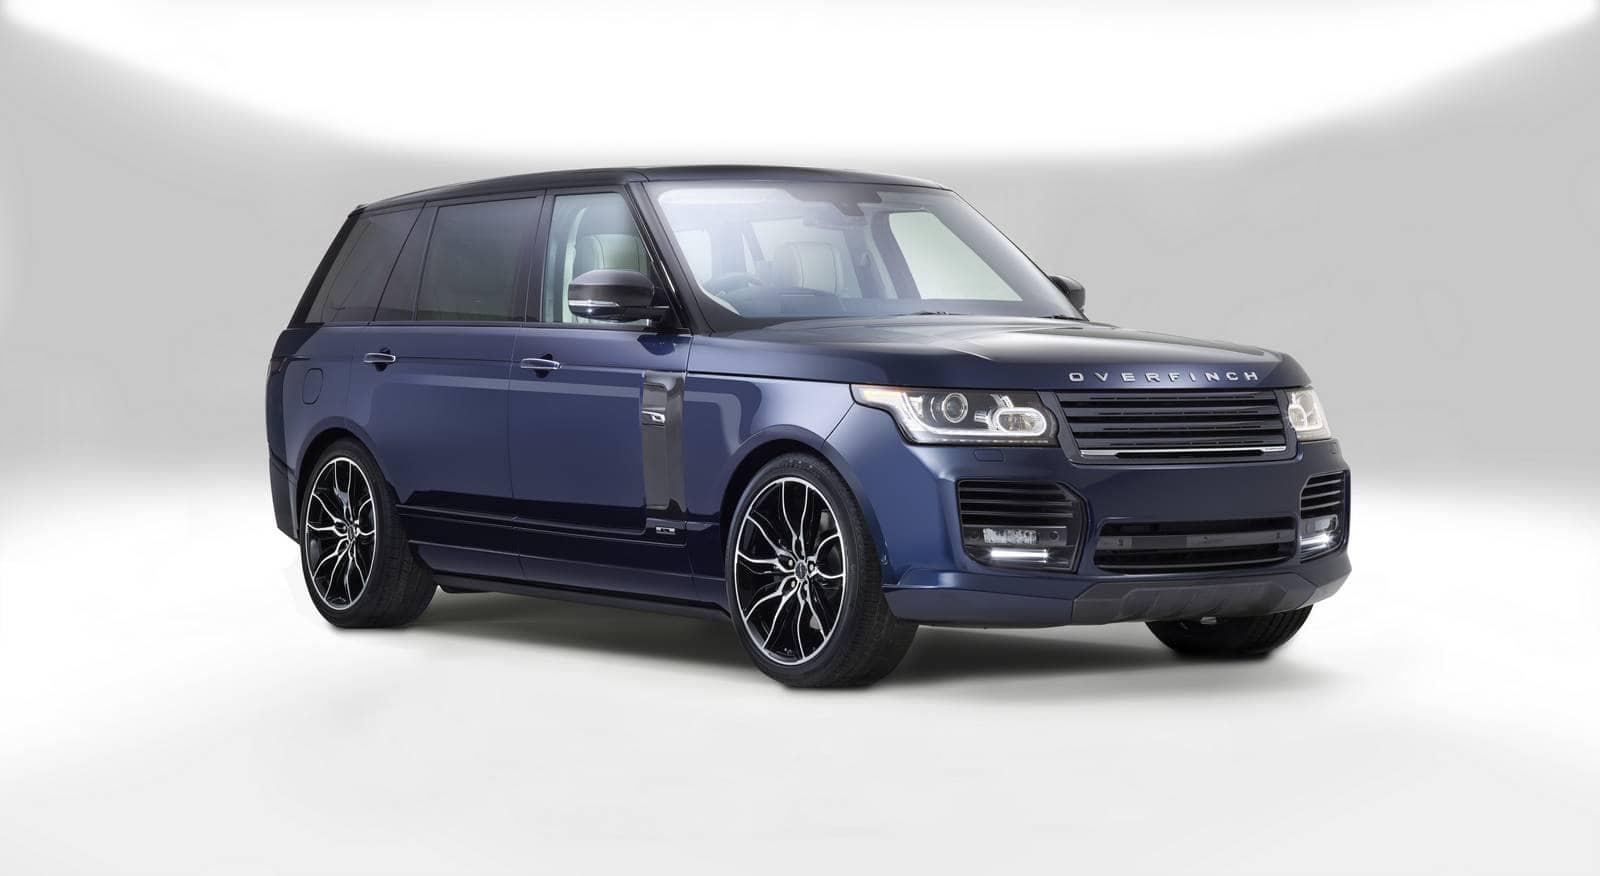 """El SUV Range Rover """"London Edition"""" de Overfinch es súper exclusiva y costosa"""